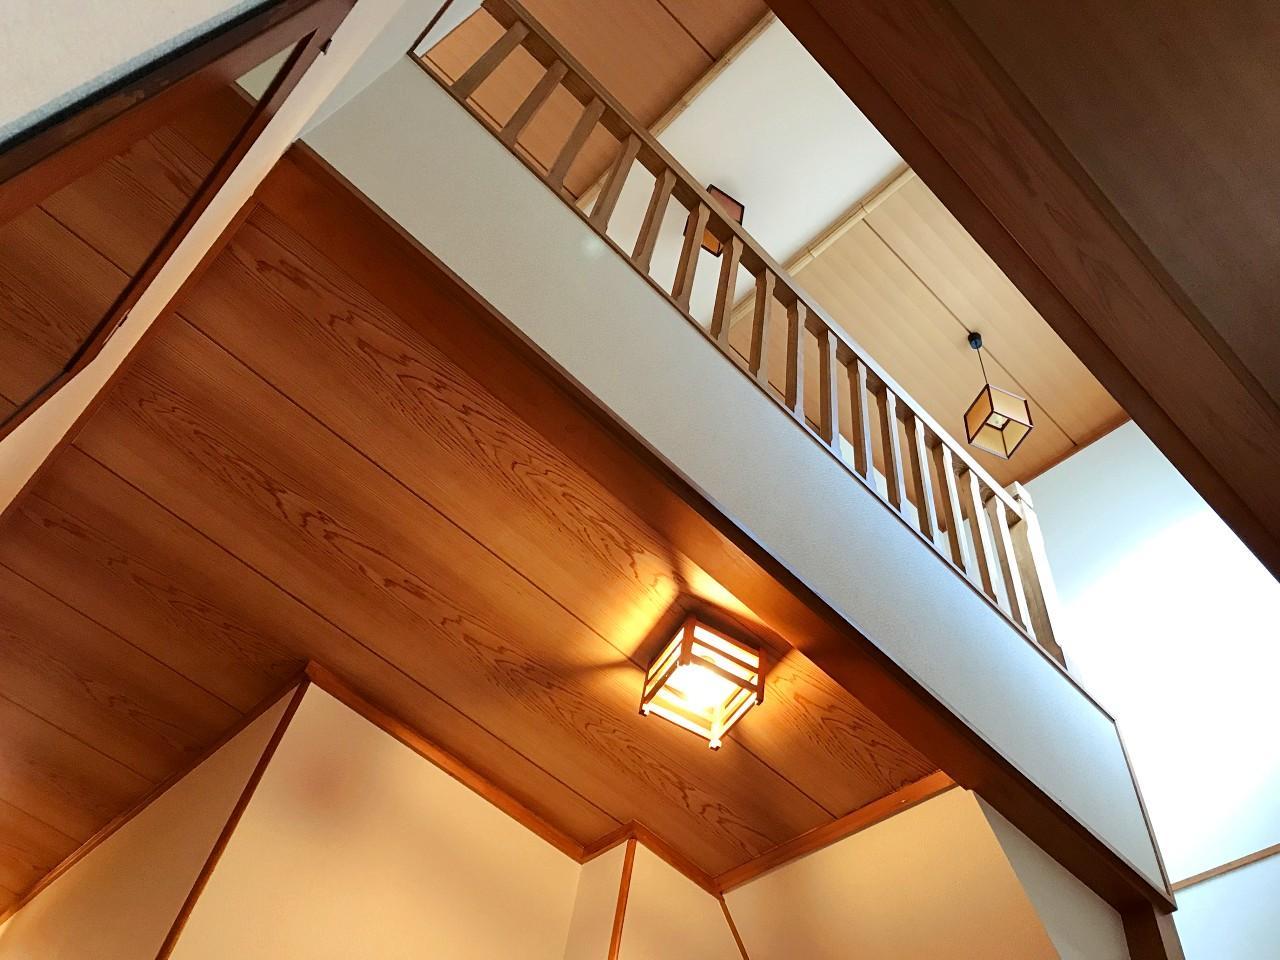 玄関ホールと階段室は吹き抜けに